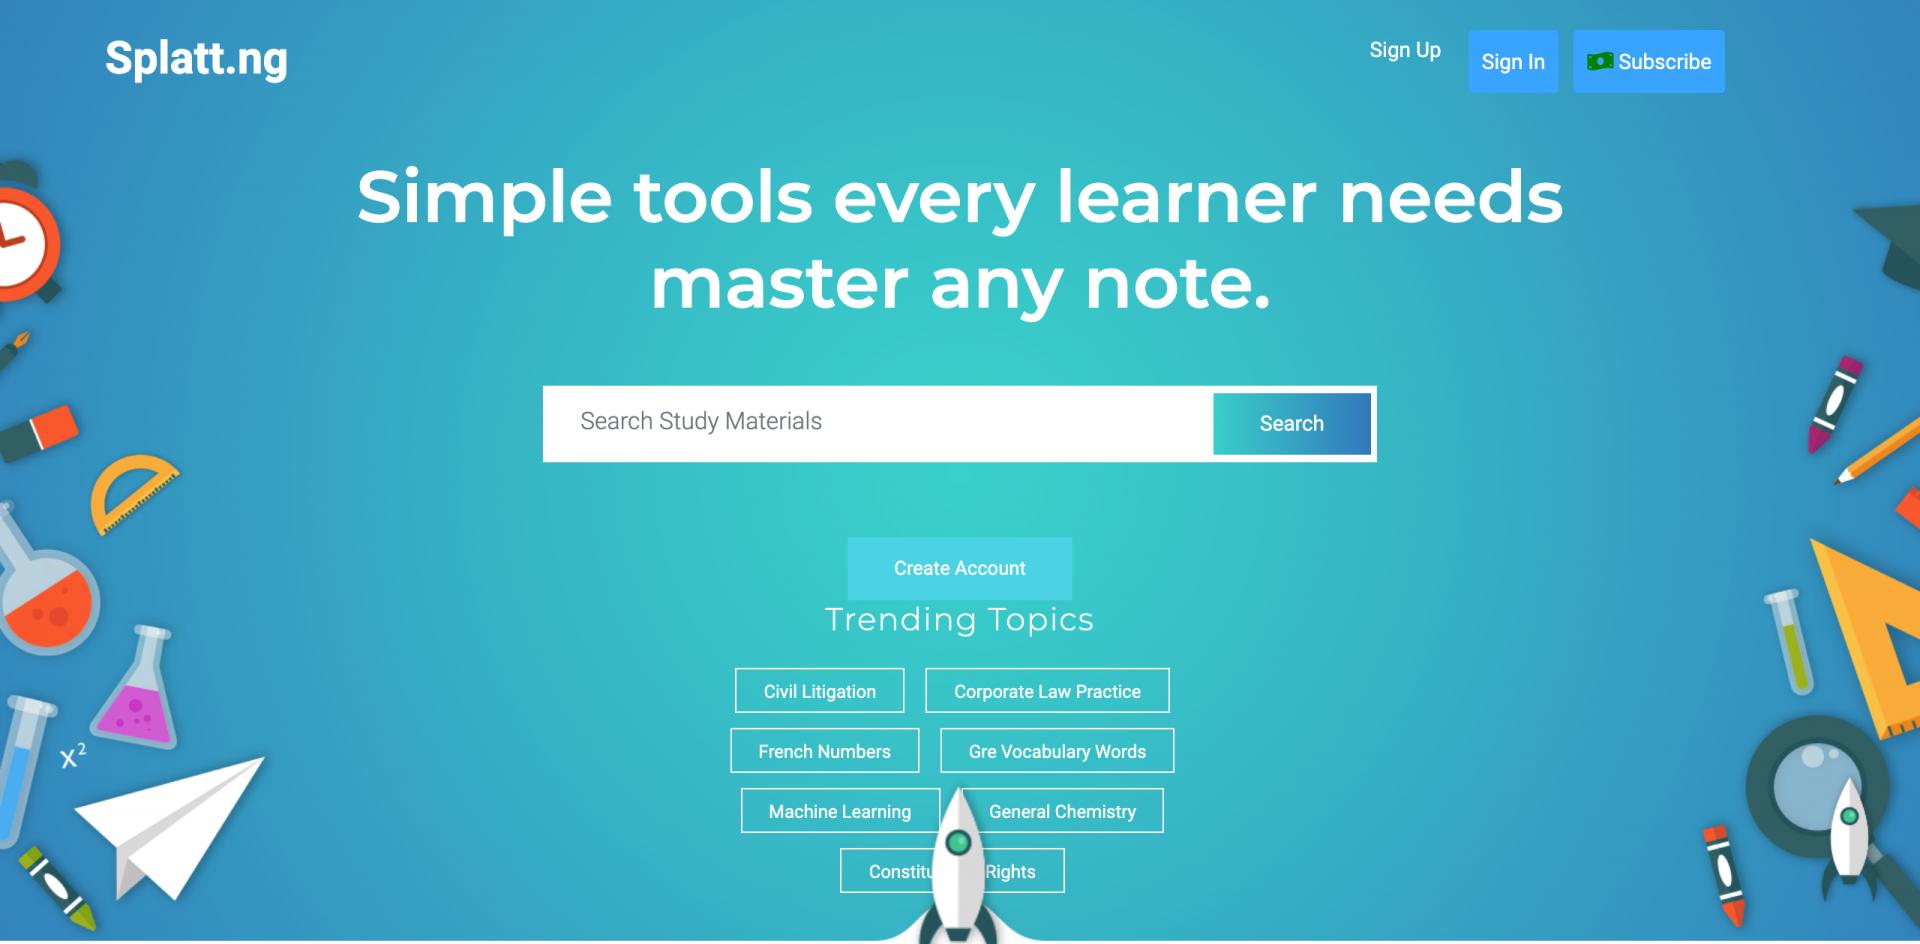 尼日利亚初创公司 Splatt 推出在线学习平台